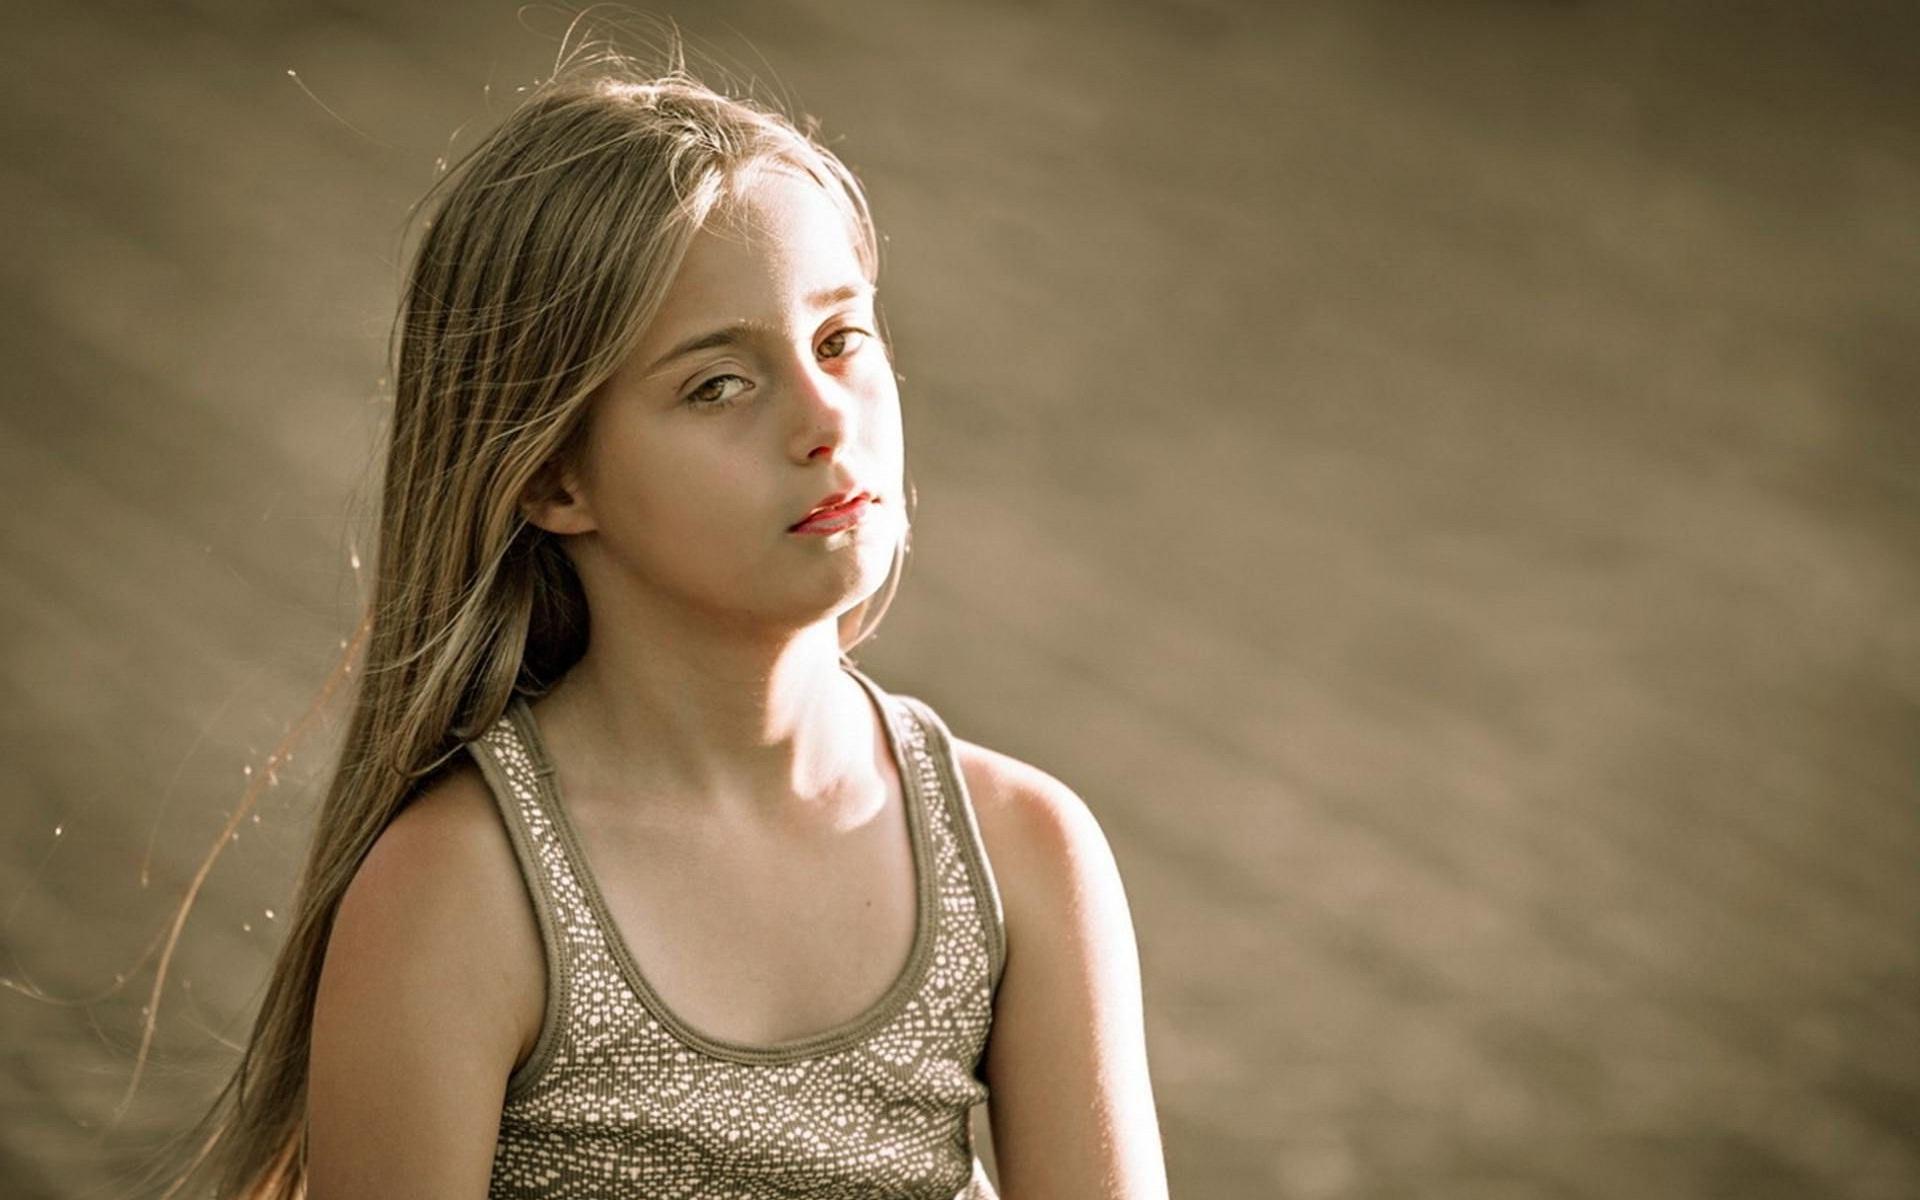 صورة بنات عسل , صور اجمل البنات في العالم 944 9